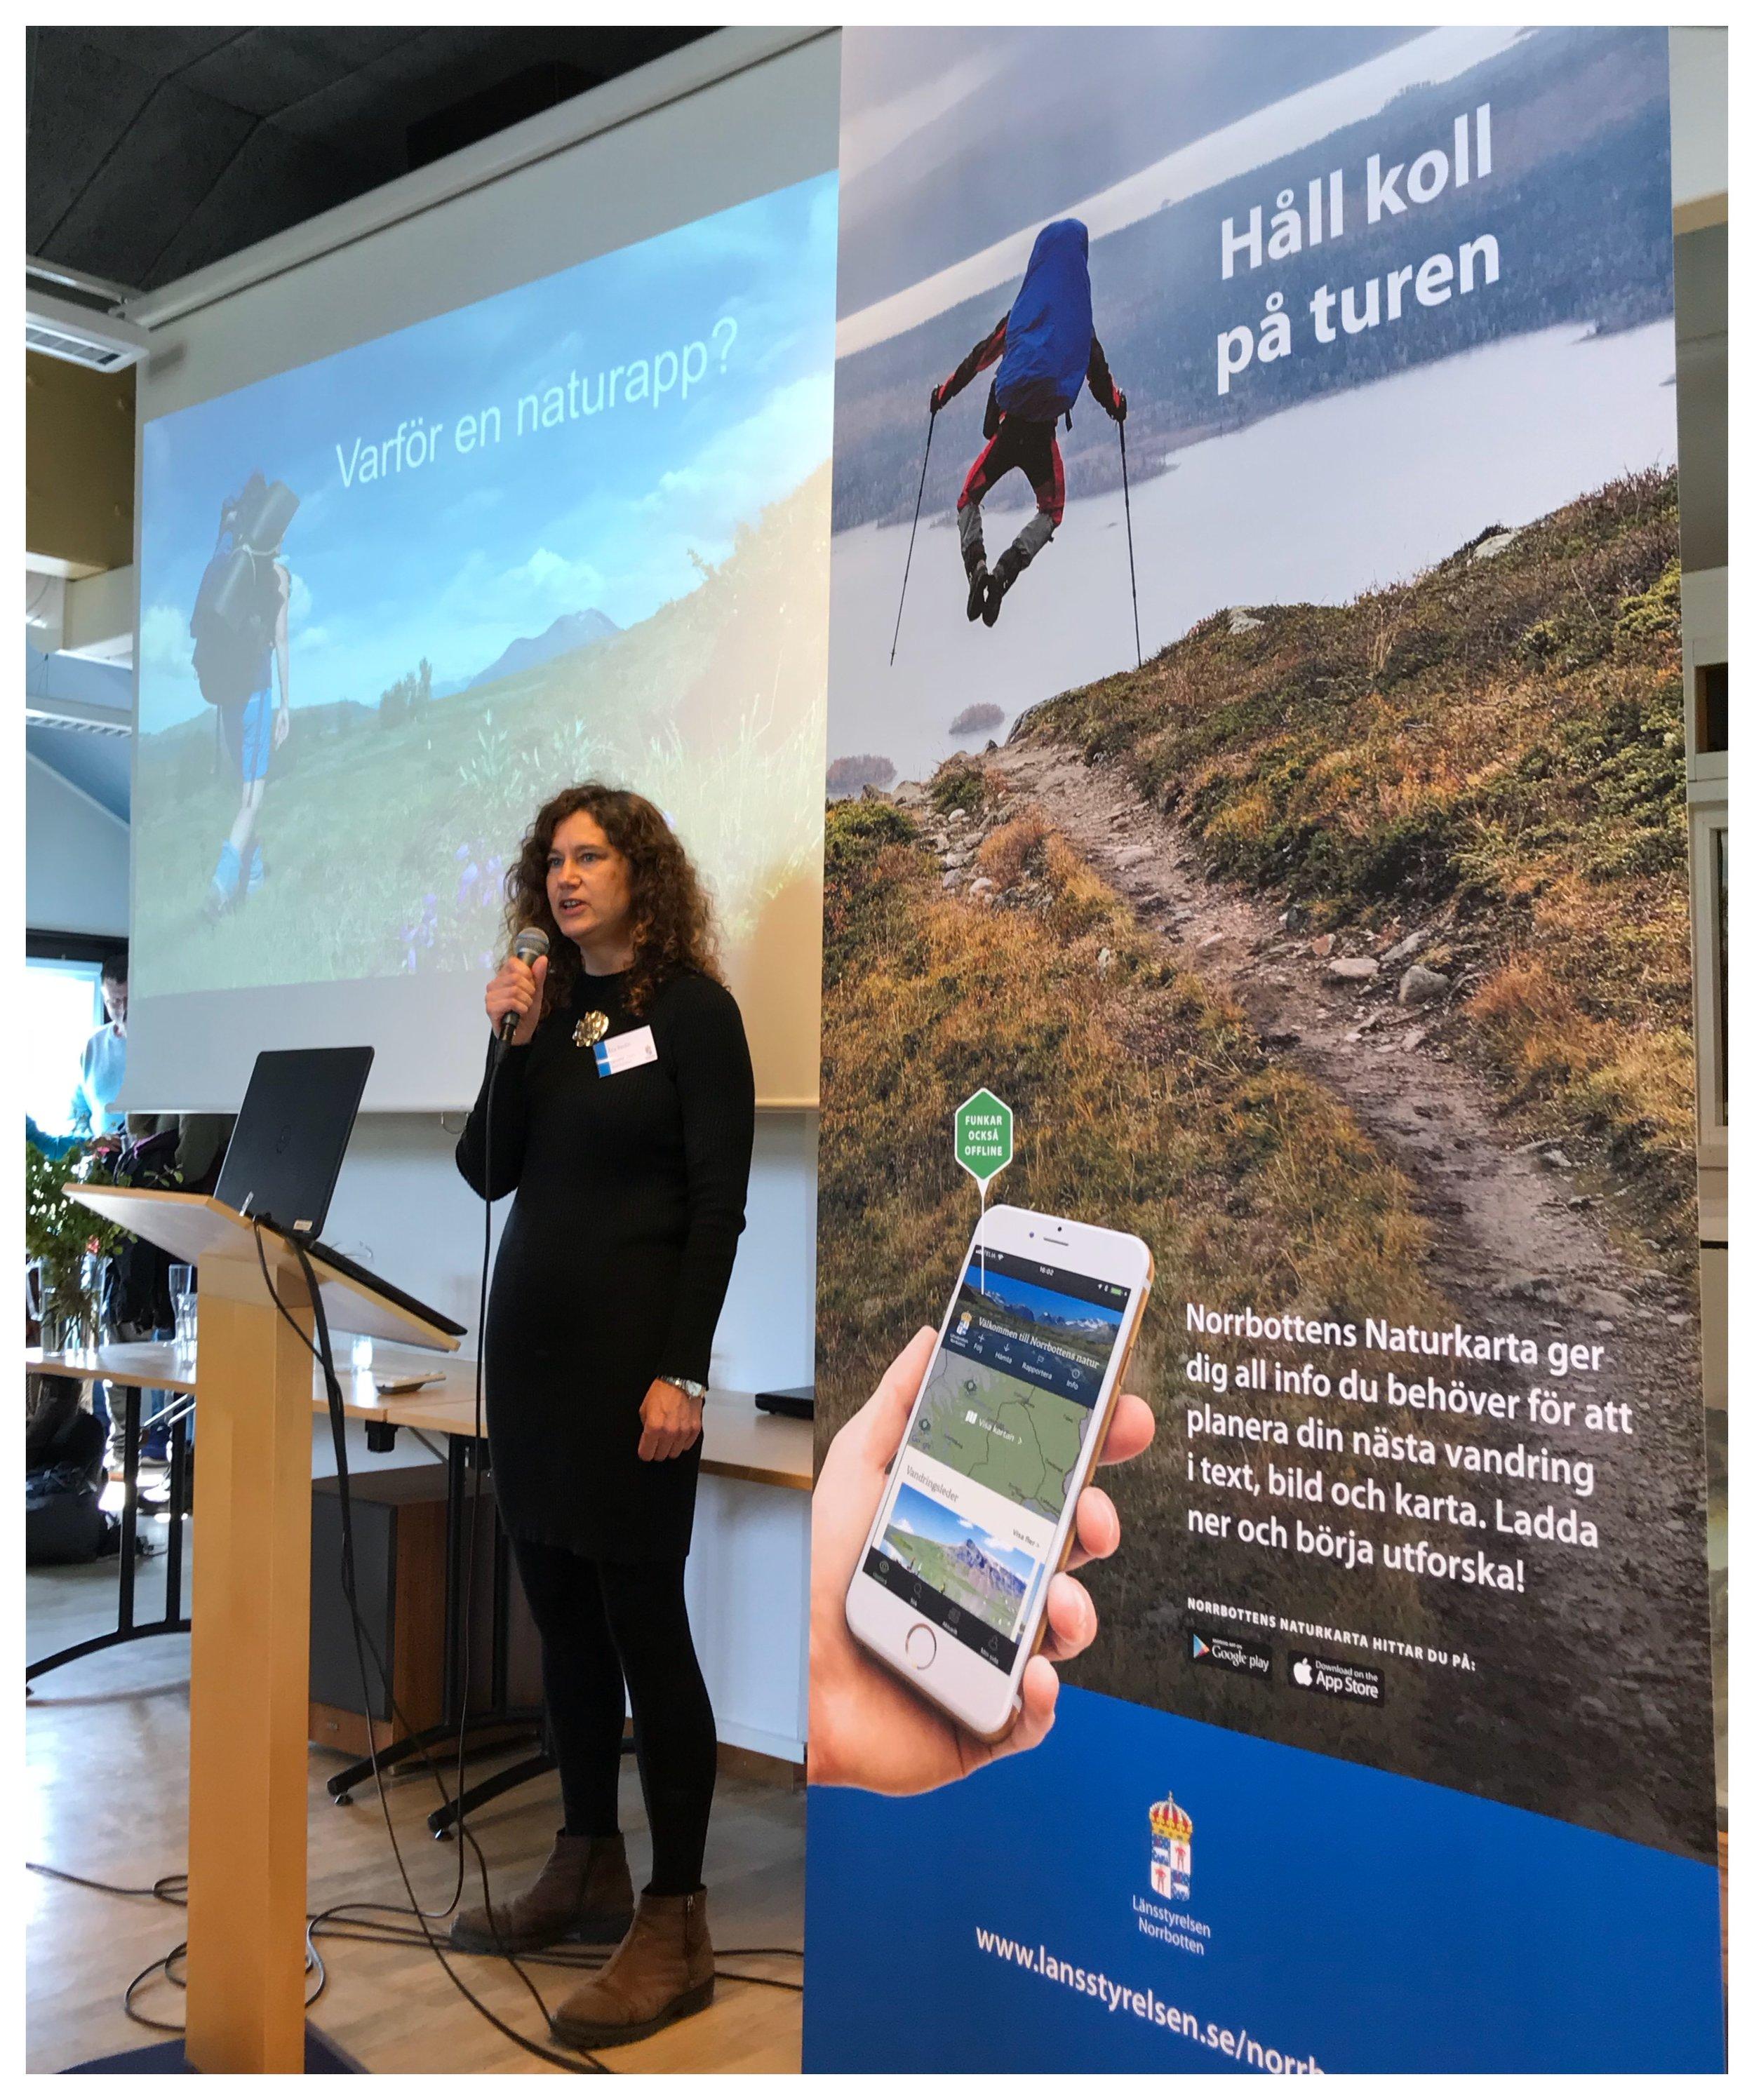 Åsa Redin, naturkommunikatör och projektledare för Länsstyrelsens naturkarta